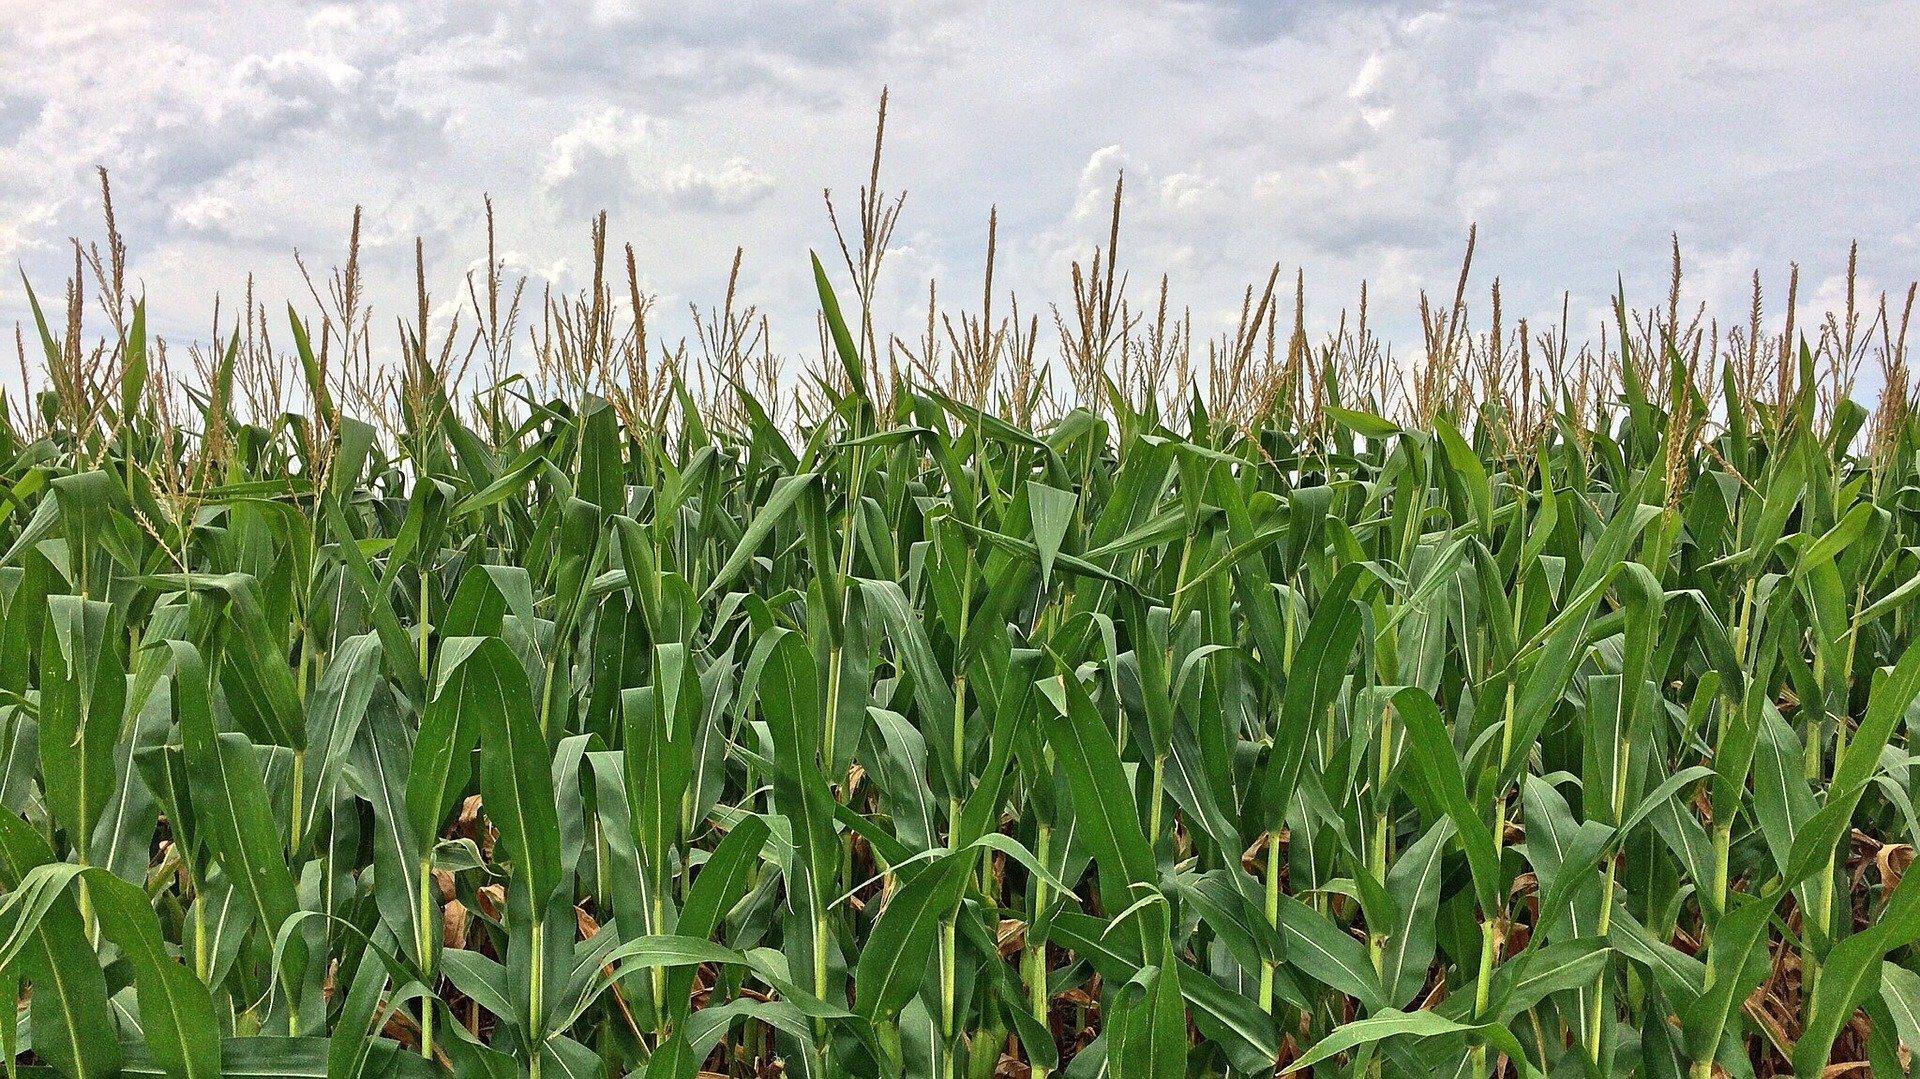 corn-892595_1920.jpg